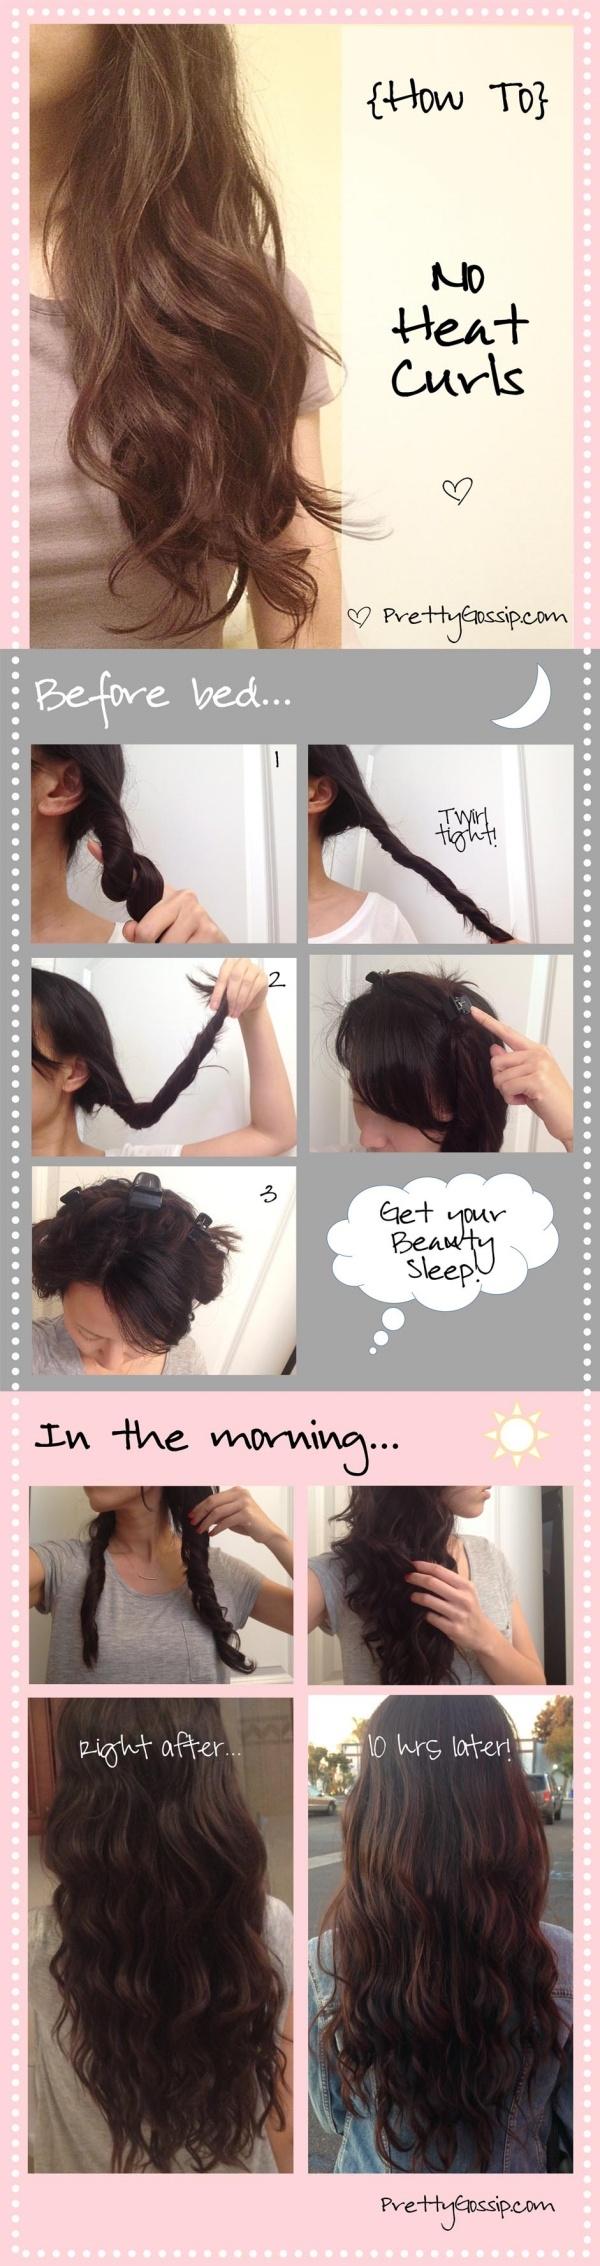 Cách làm tóc xoăn đơn giản không cần nhiệt 1